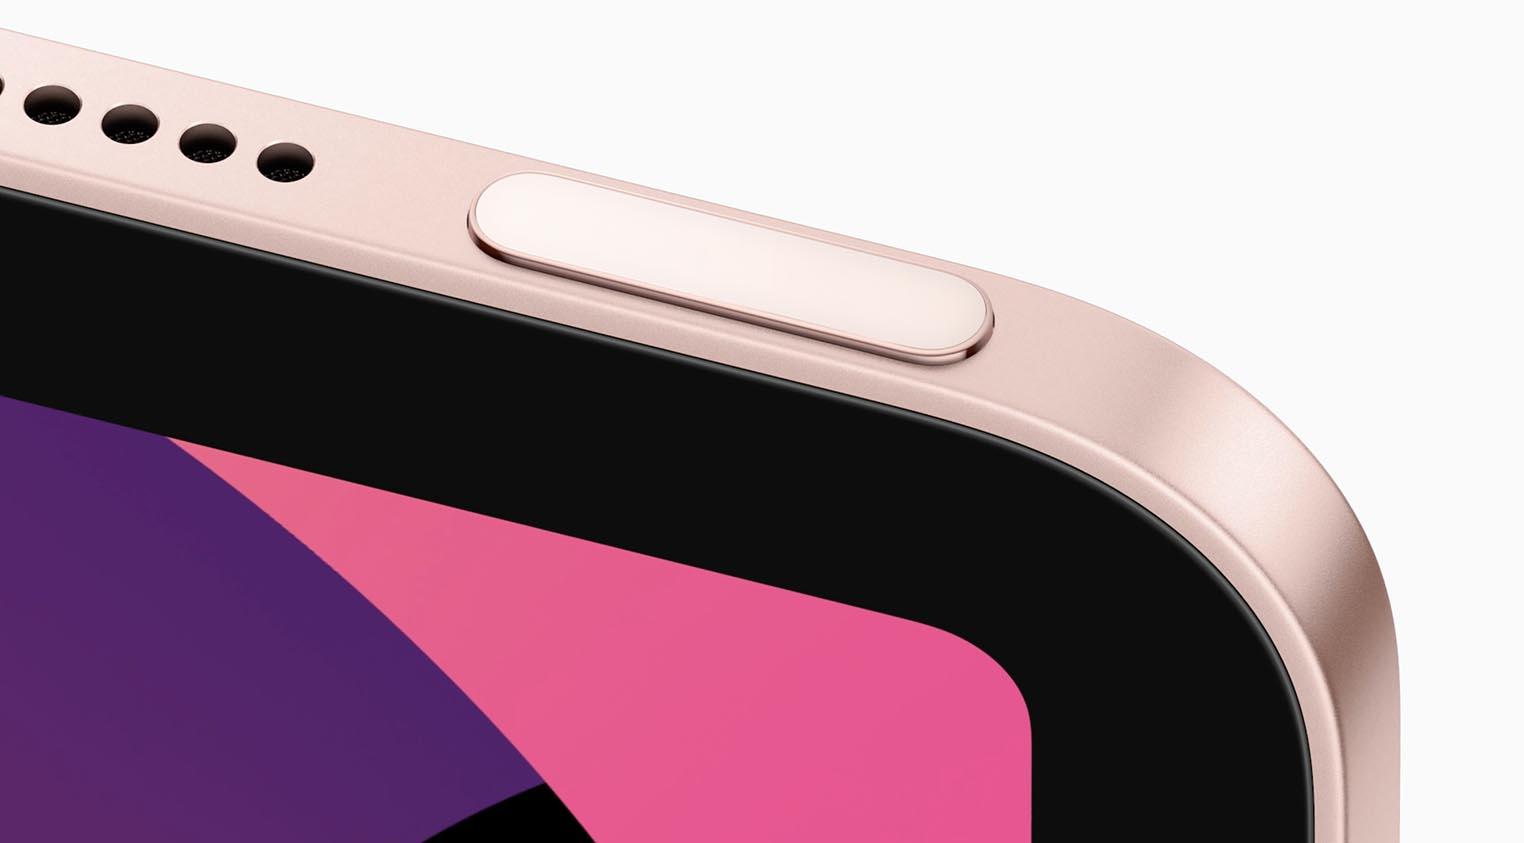 iPad Air 4 Touch ID